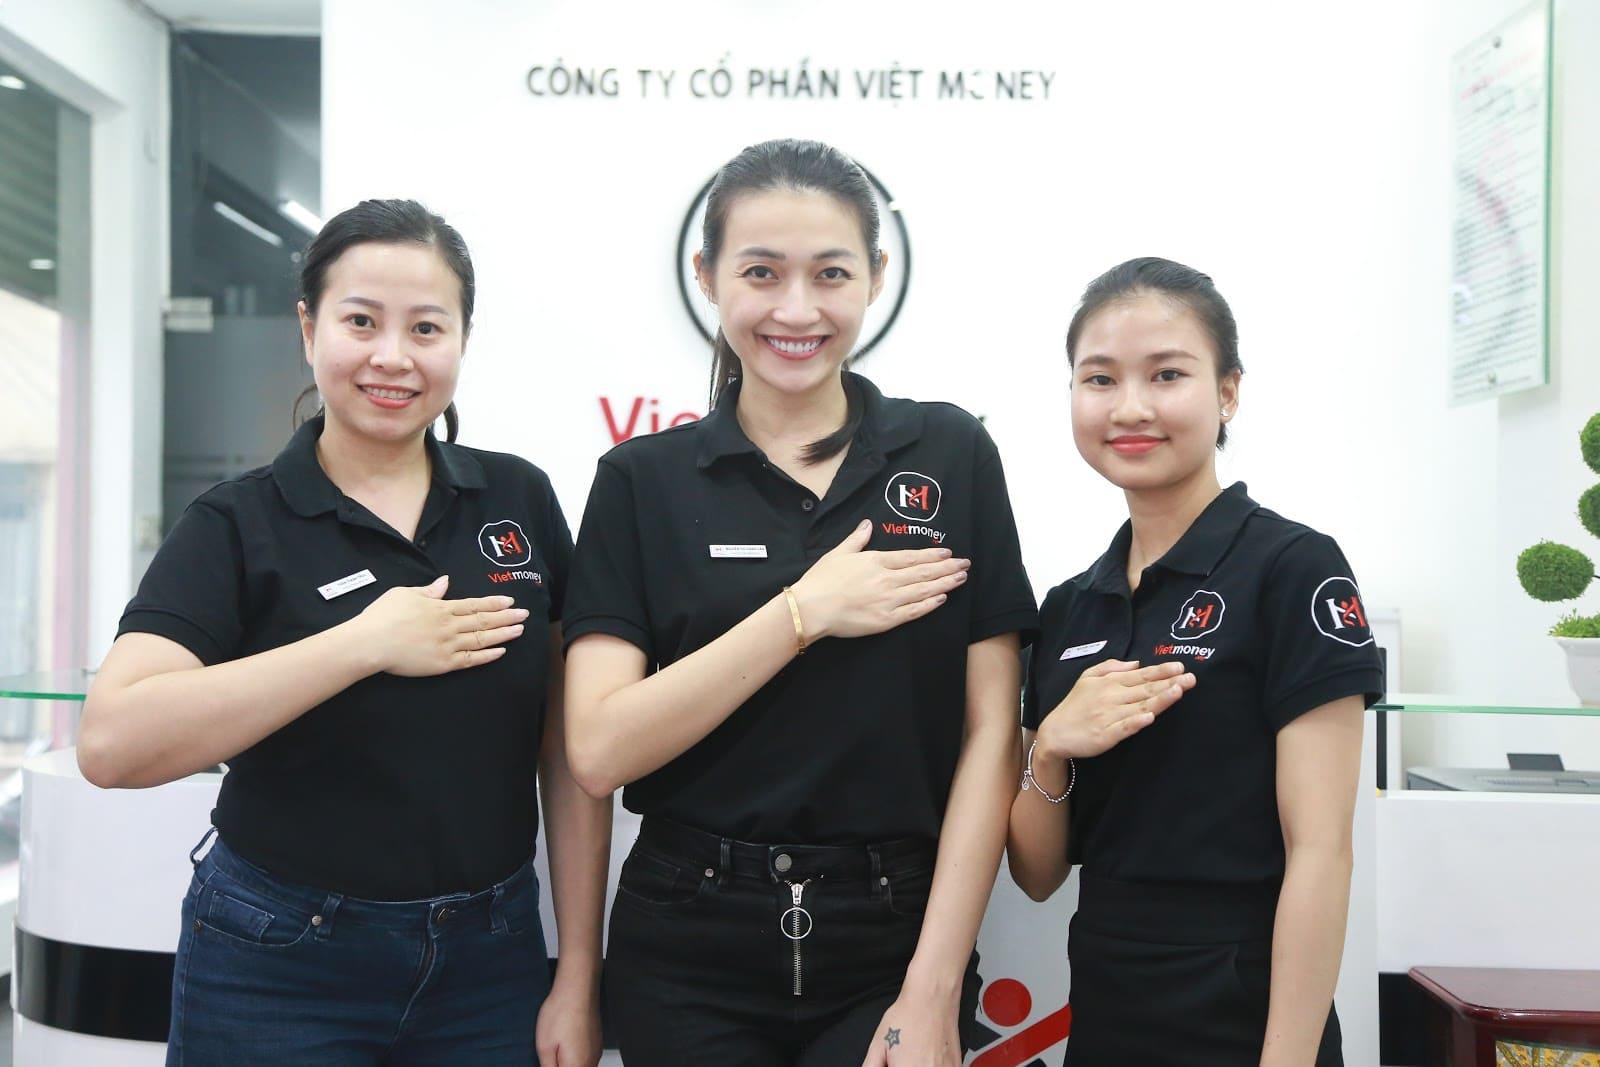 Viet Money là đơn vị cho vay góp ngày uy tín với lãi suất cao